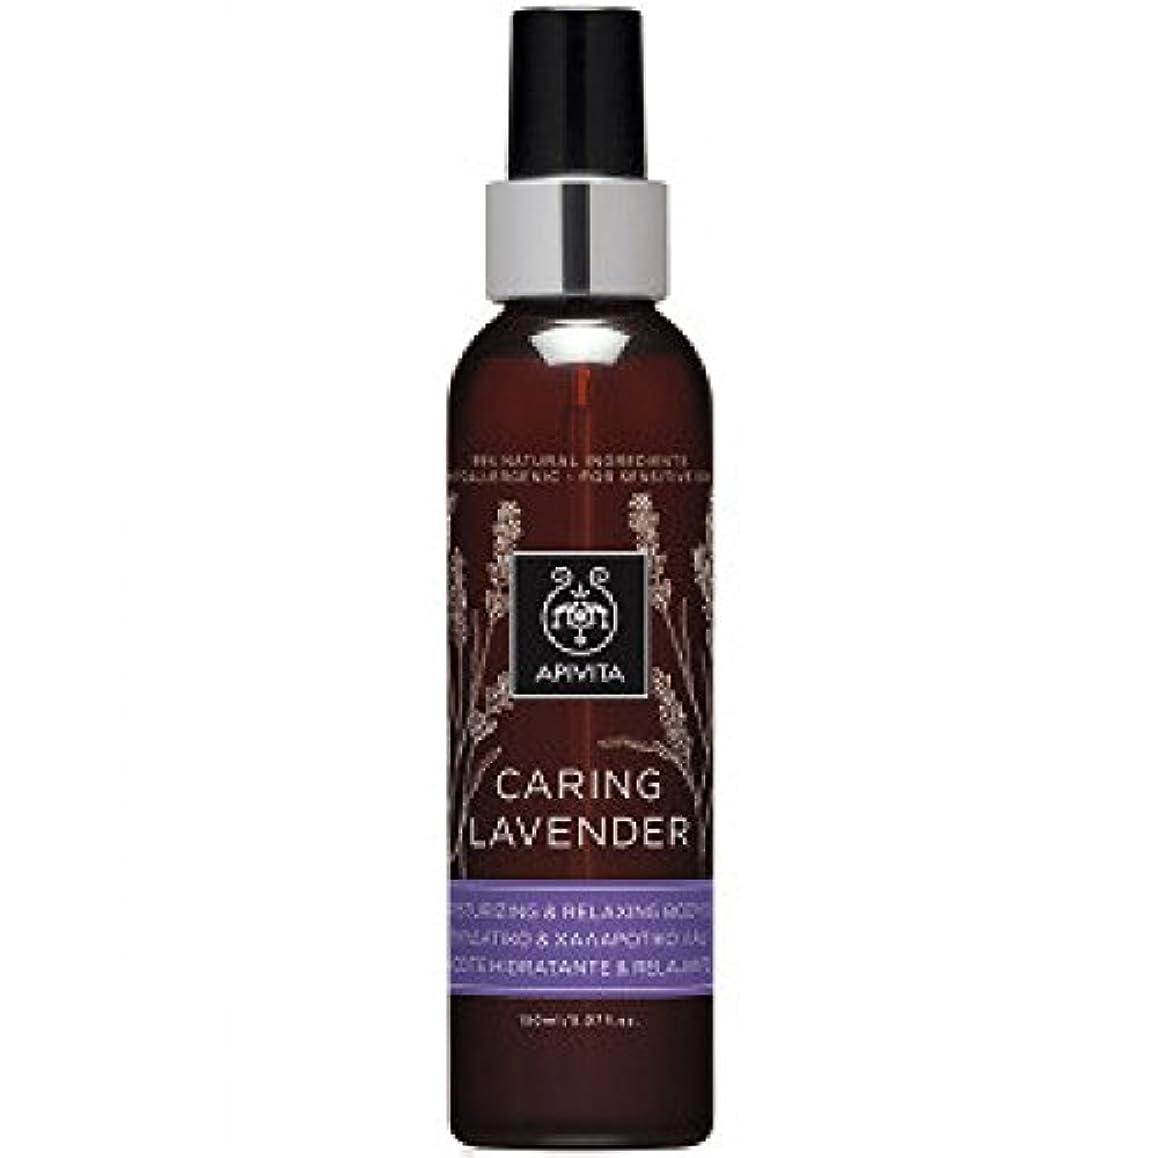 潜在的な大西洋不調和アピヴィータ Caring Lavender Moisturizing & Relaxing Body Oil - For Sensitive Skin 150ml [並行輸入品]